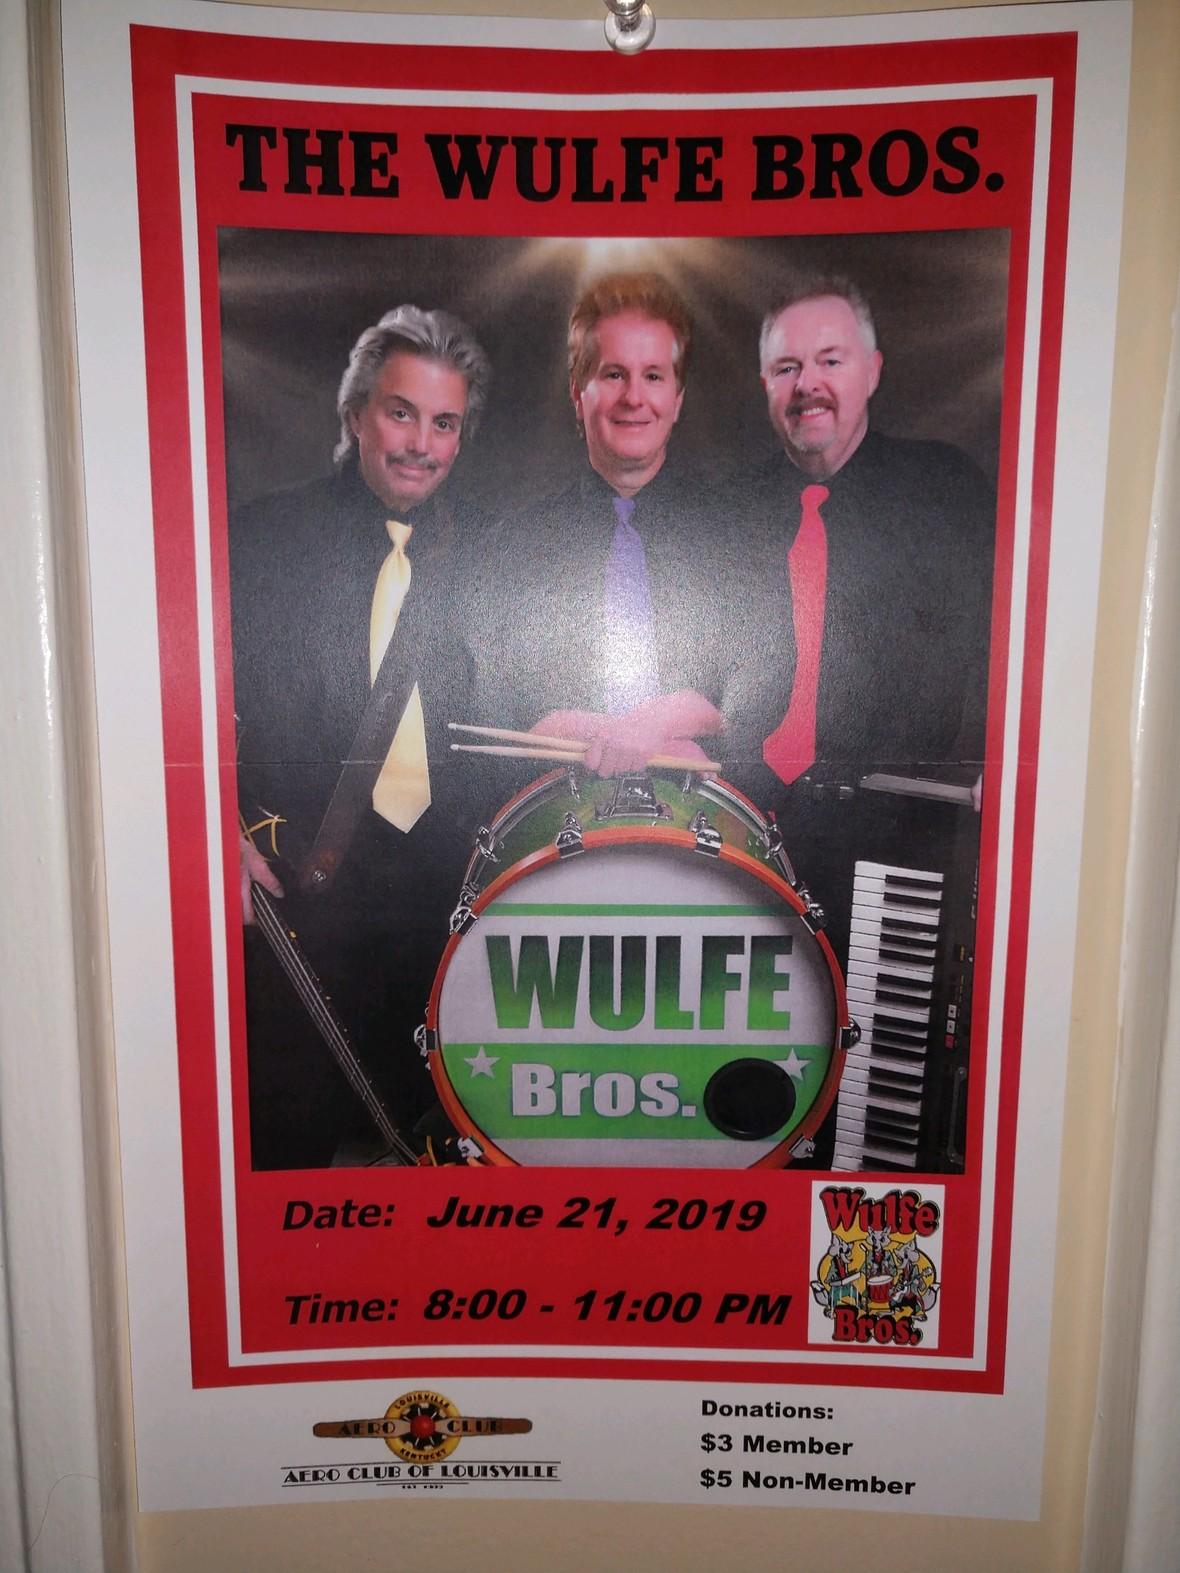 Wulfe Bros